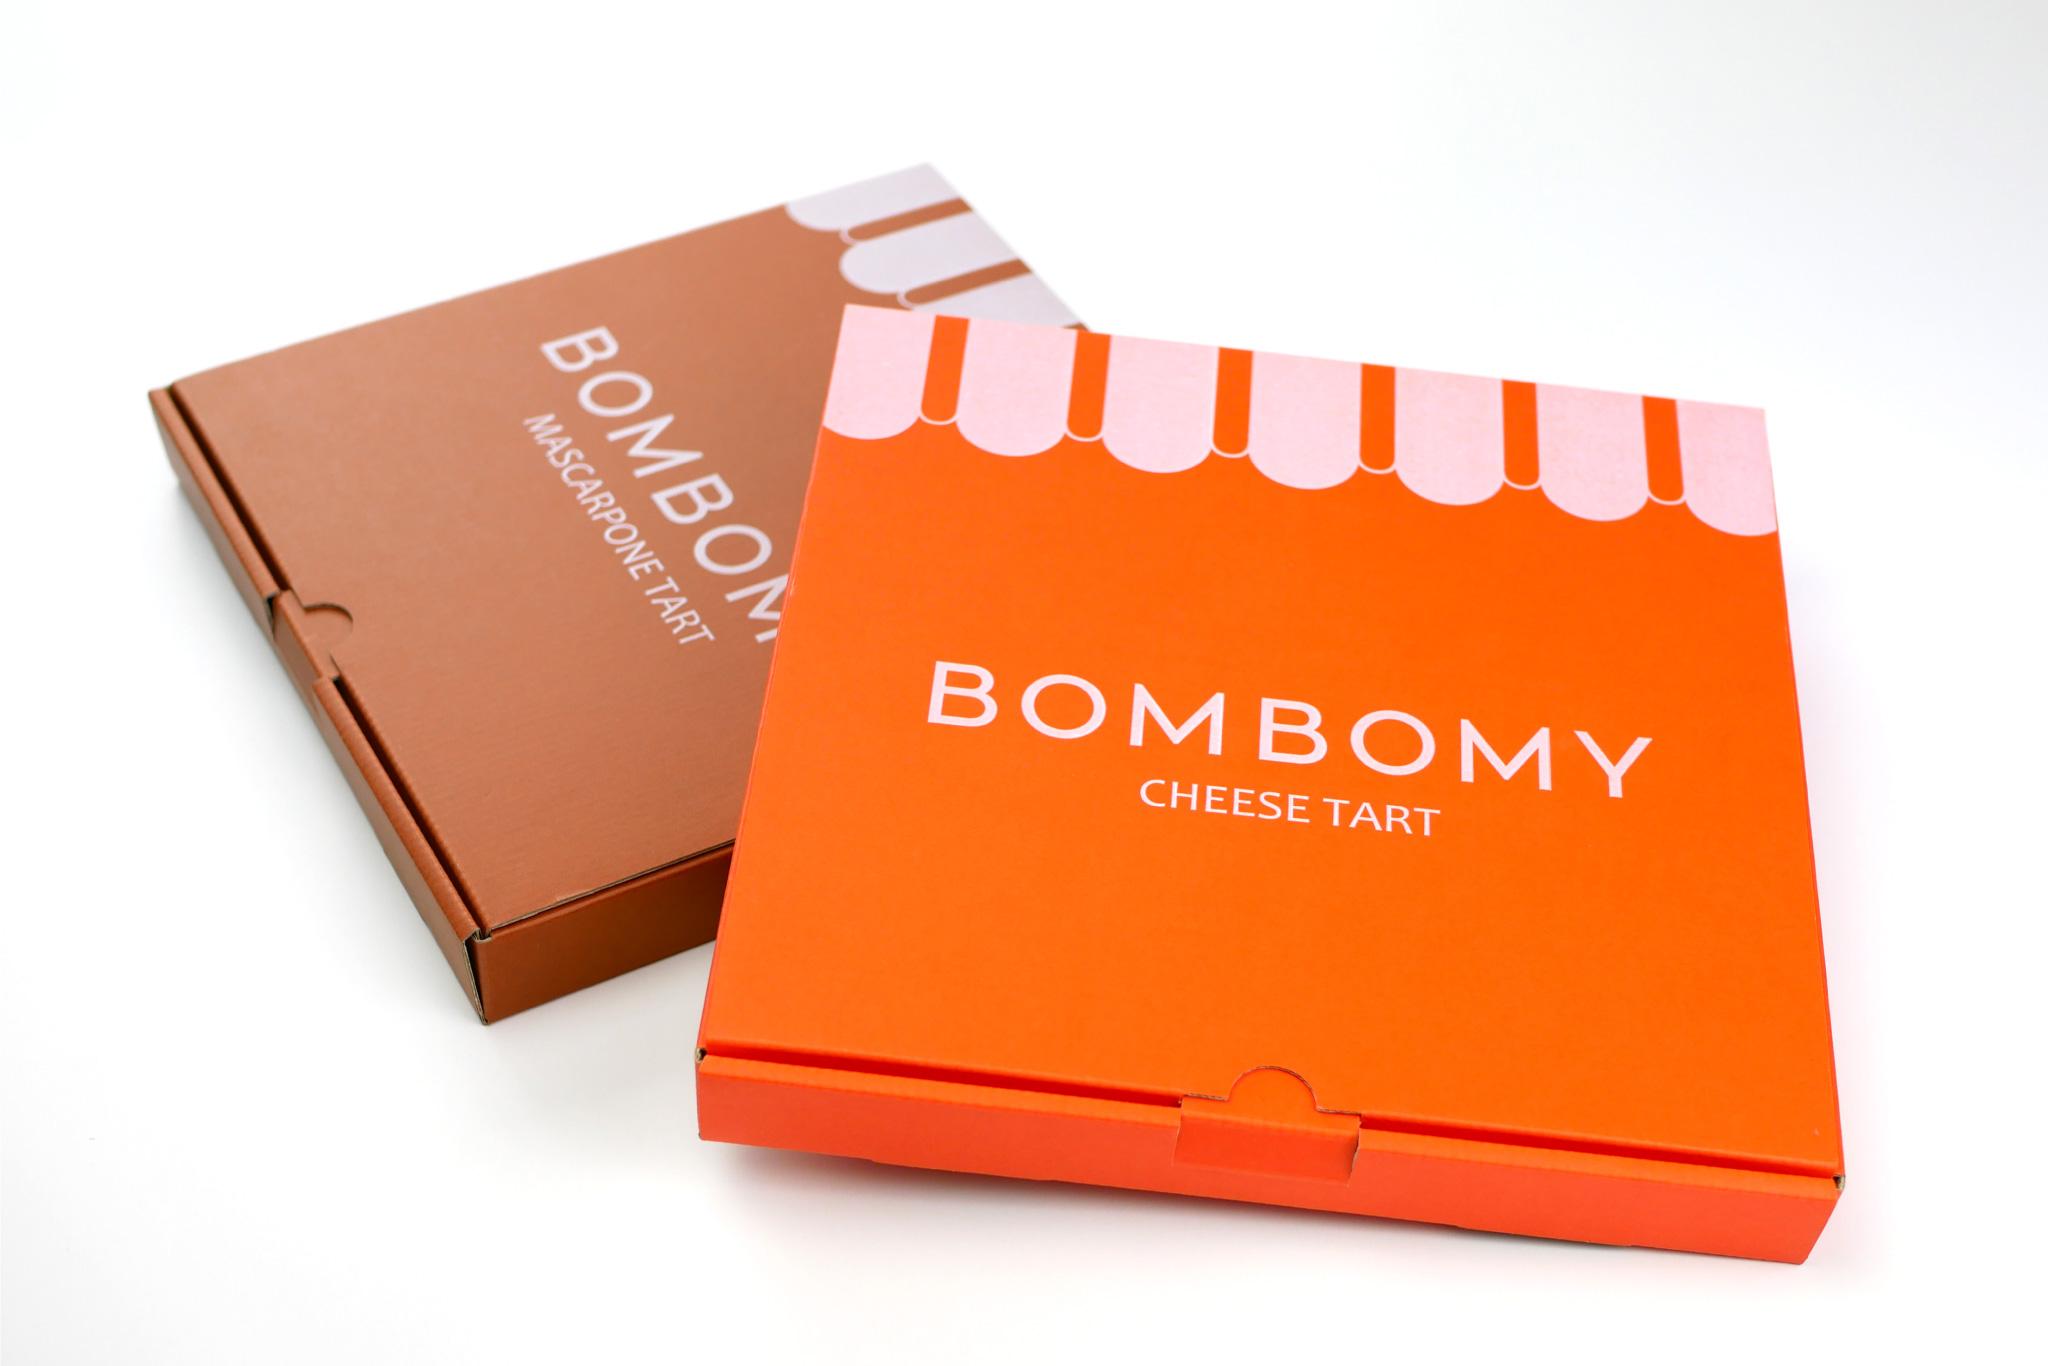 BOMBOMY チーズタルトの通販ケースの写真